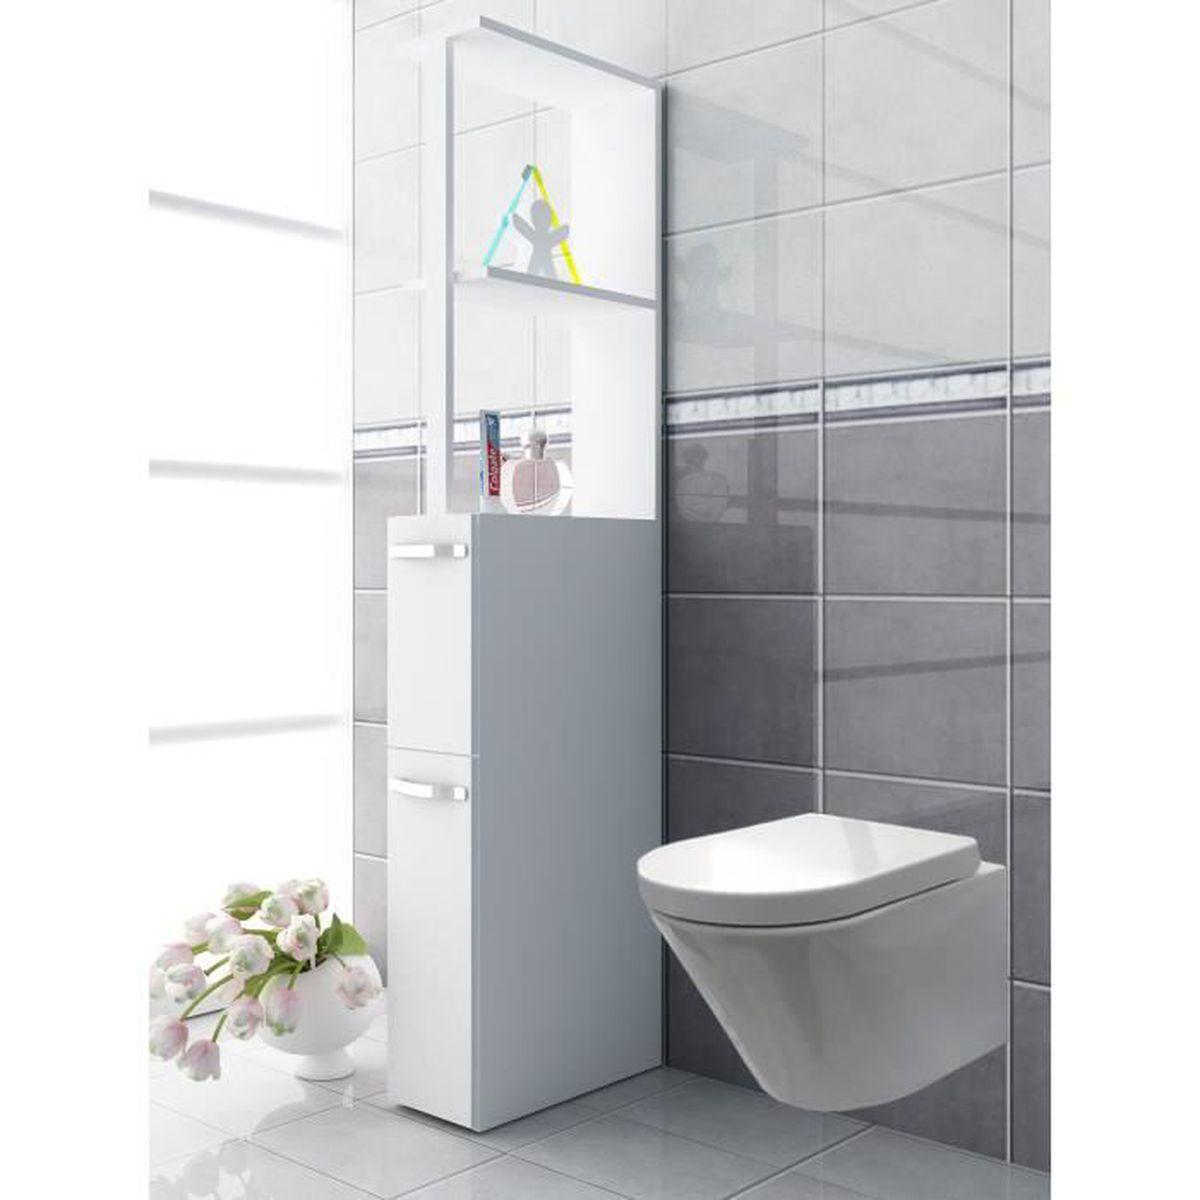 Hauteur niche salle de bain italienne qui prend de la Niche de salle de bain